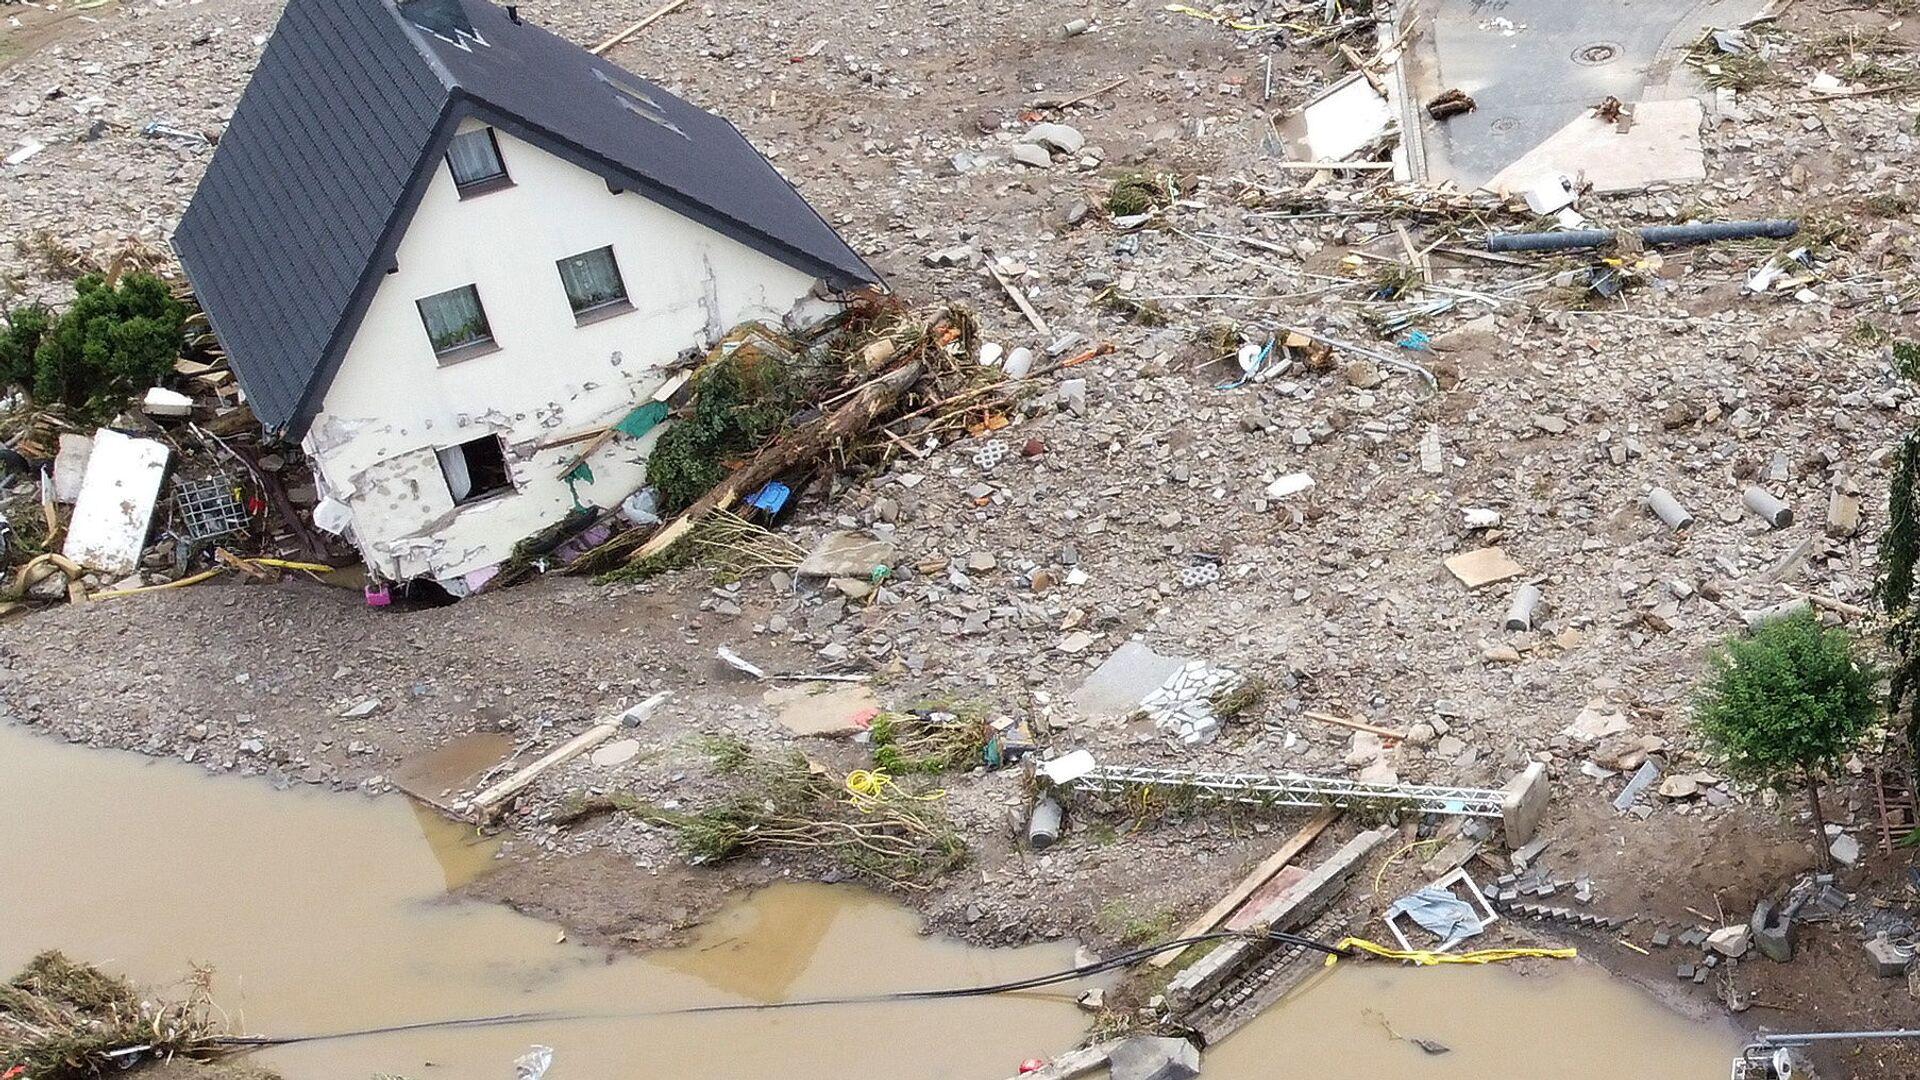 Общий вид зоны, пострадавшей от наводнения после проливных дождей в Шульде, Германия  - Sputnik Polska, 1920, 19.07.2021